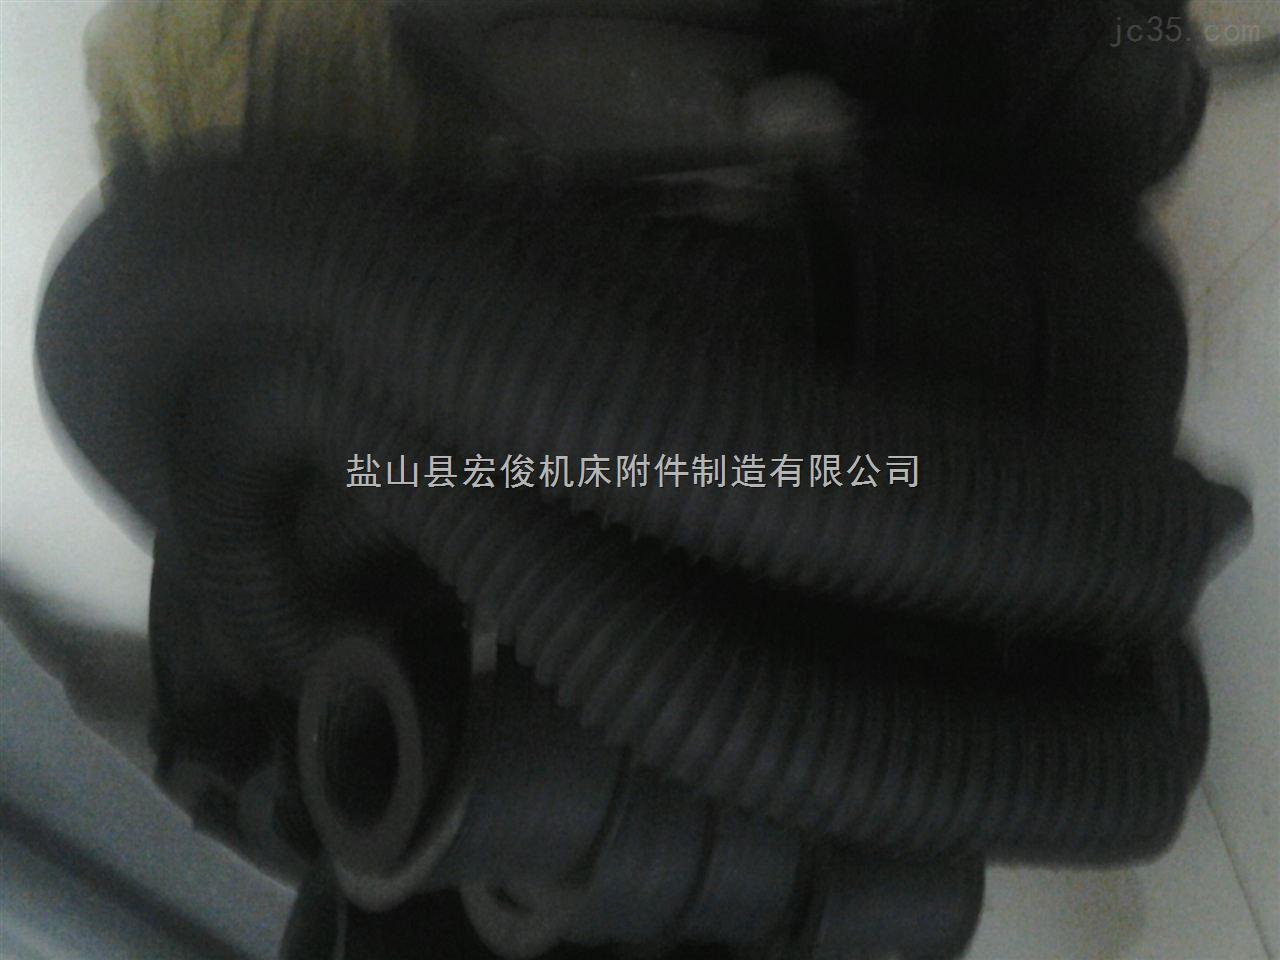 耐高温保护套 耐磨损帆布伸缩保护套